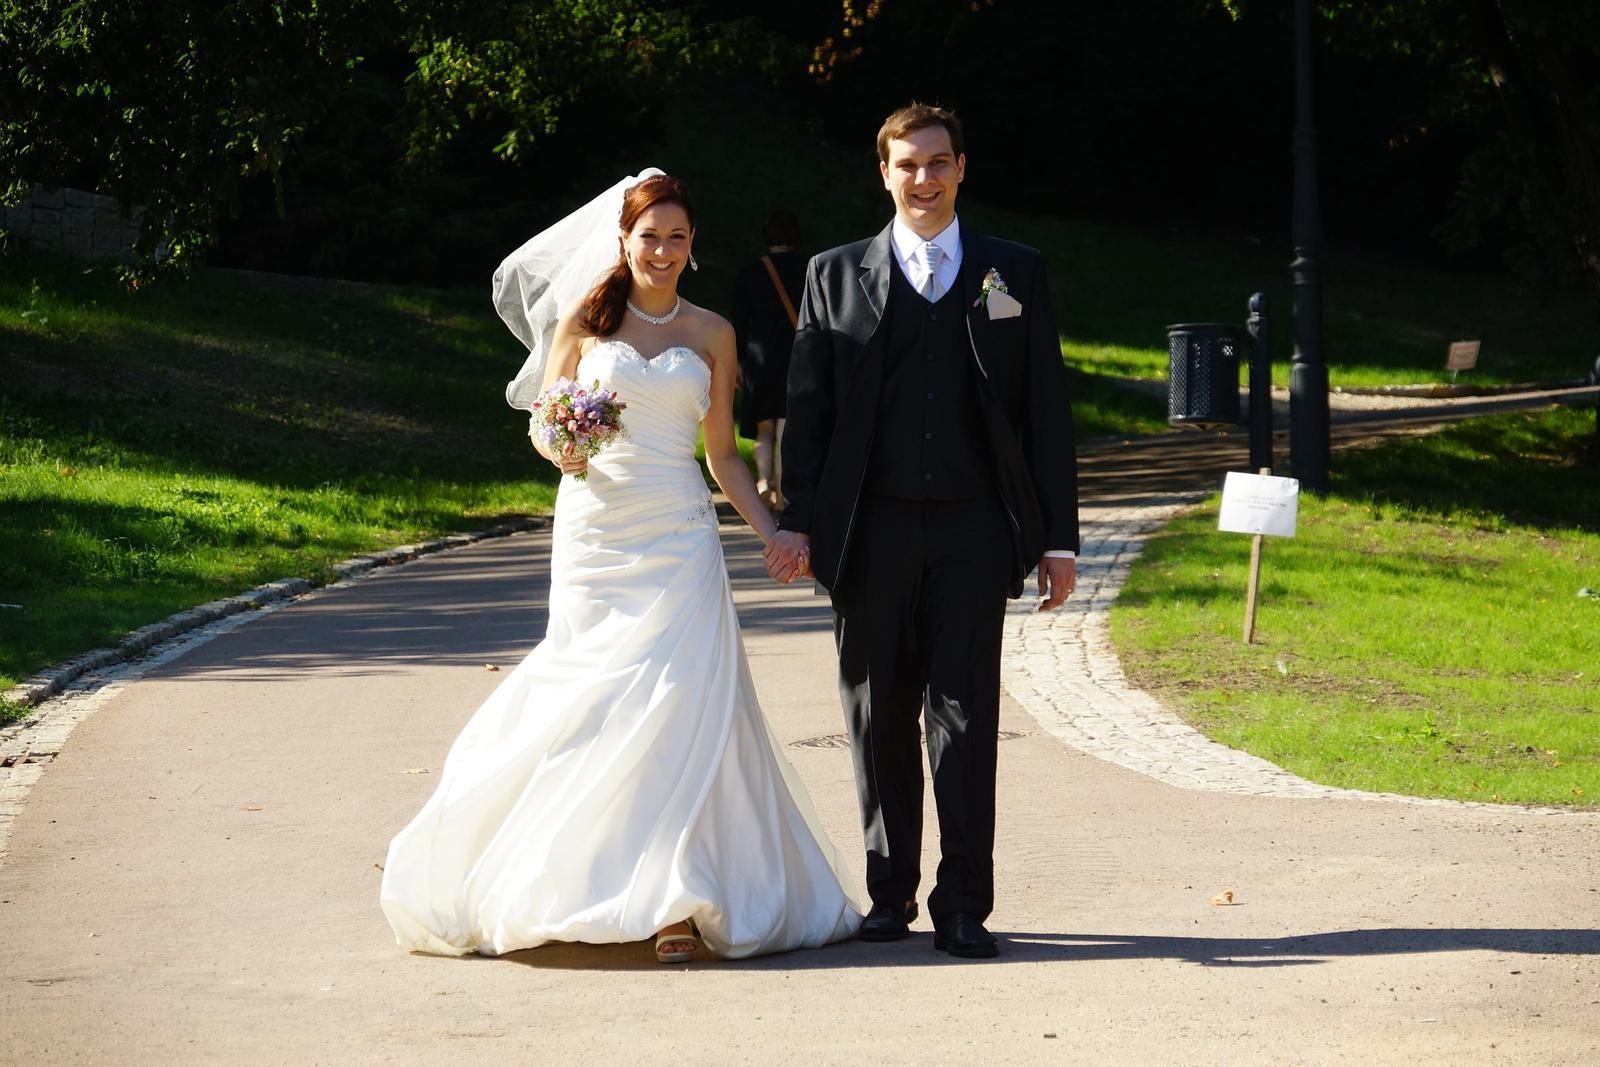 Ručně vyšívané svatební šaty vel. 36-40 - Obrázek č. 1